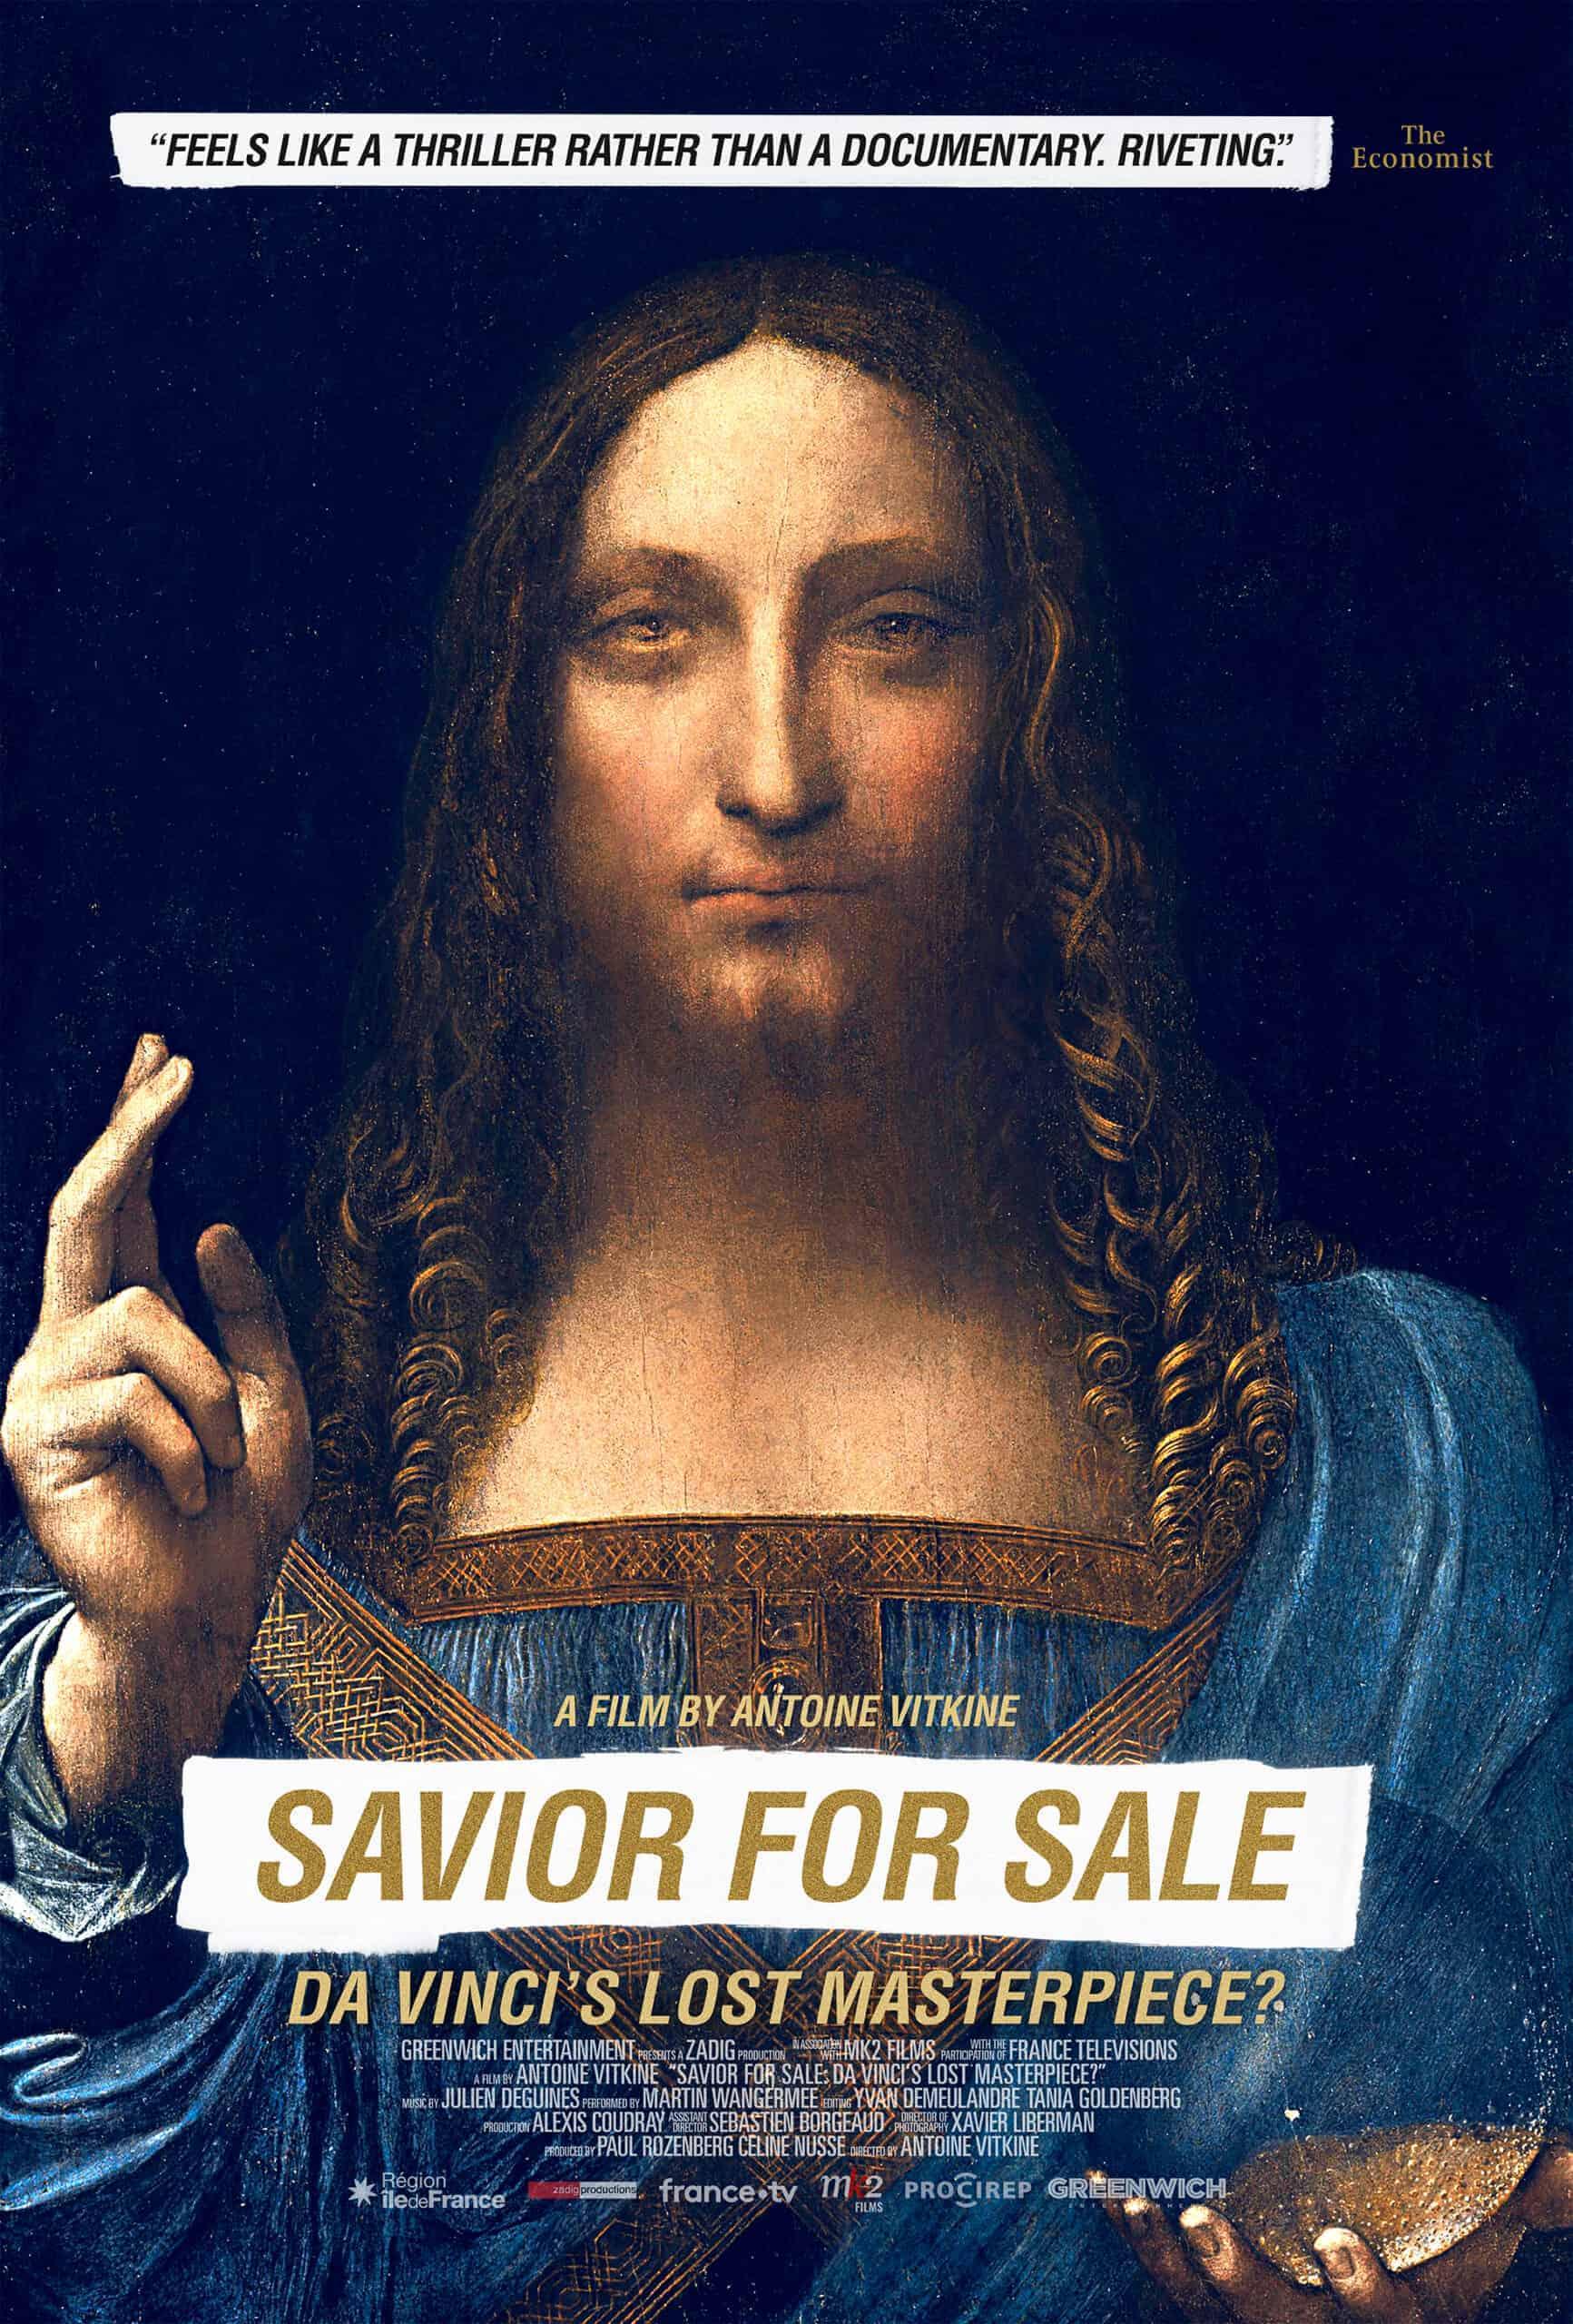 poster for SAVIOR FOR SALE